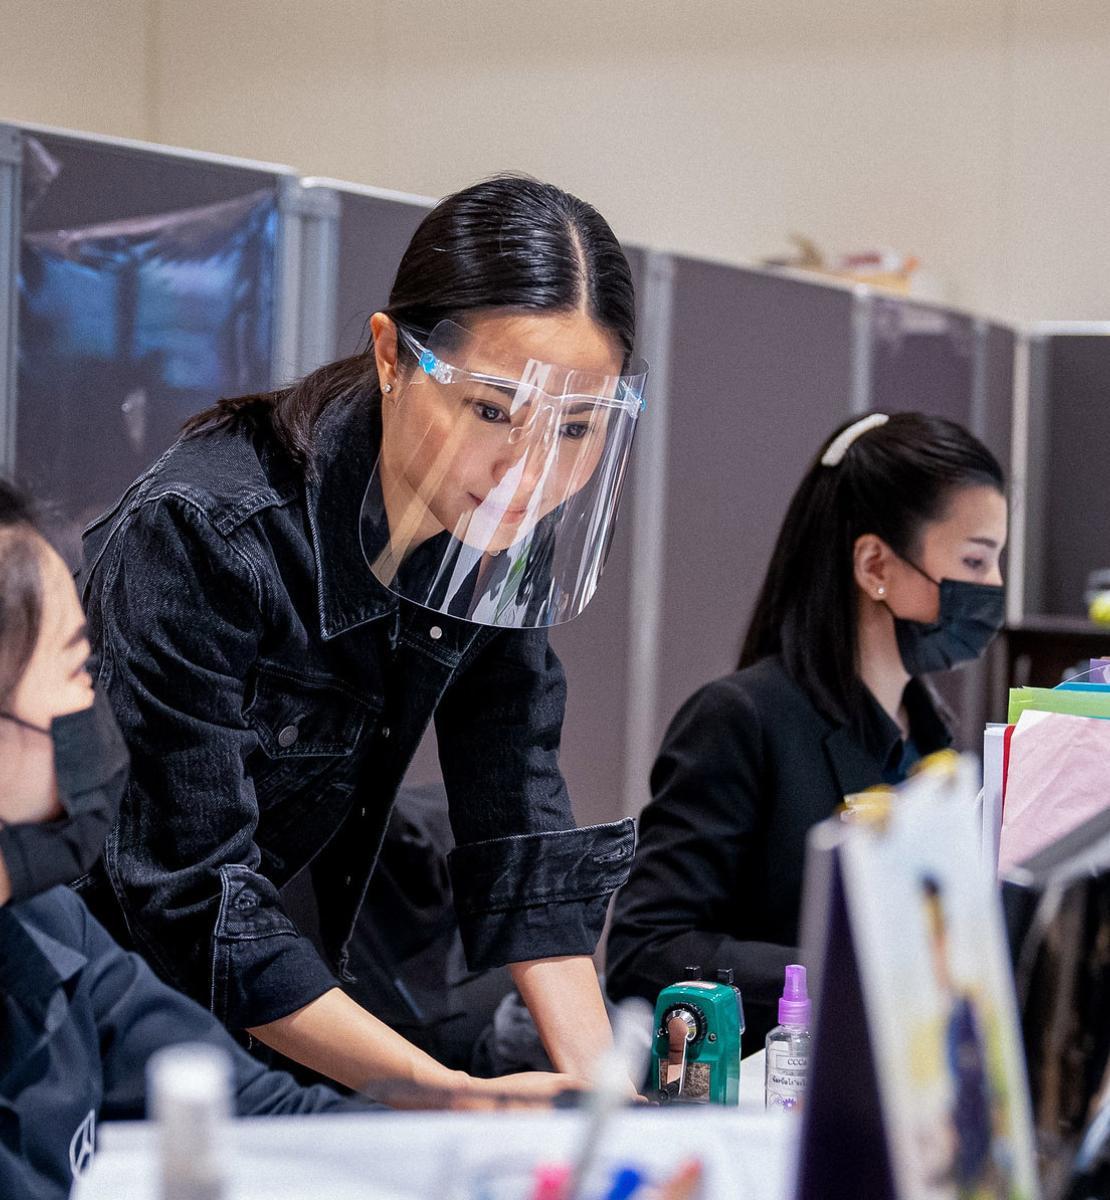 Mujeres con mascarillas y protectores faciales trabajan juntas en un escritorio de una oficina.